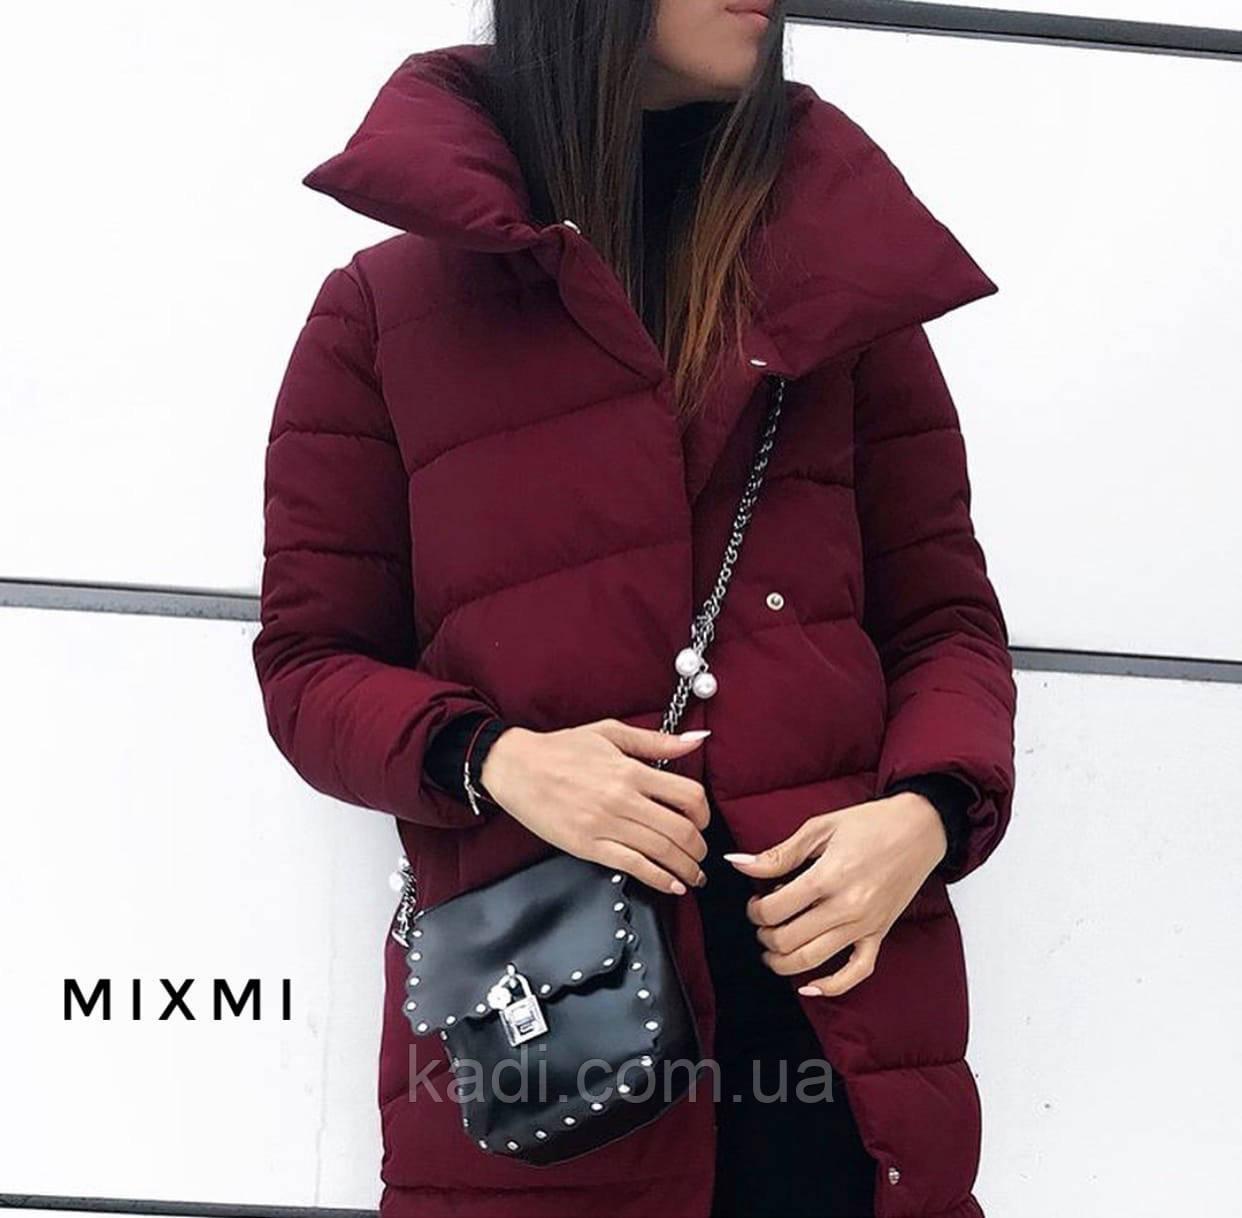 Куртка-пальто Осень 2020 / арт.3401